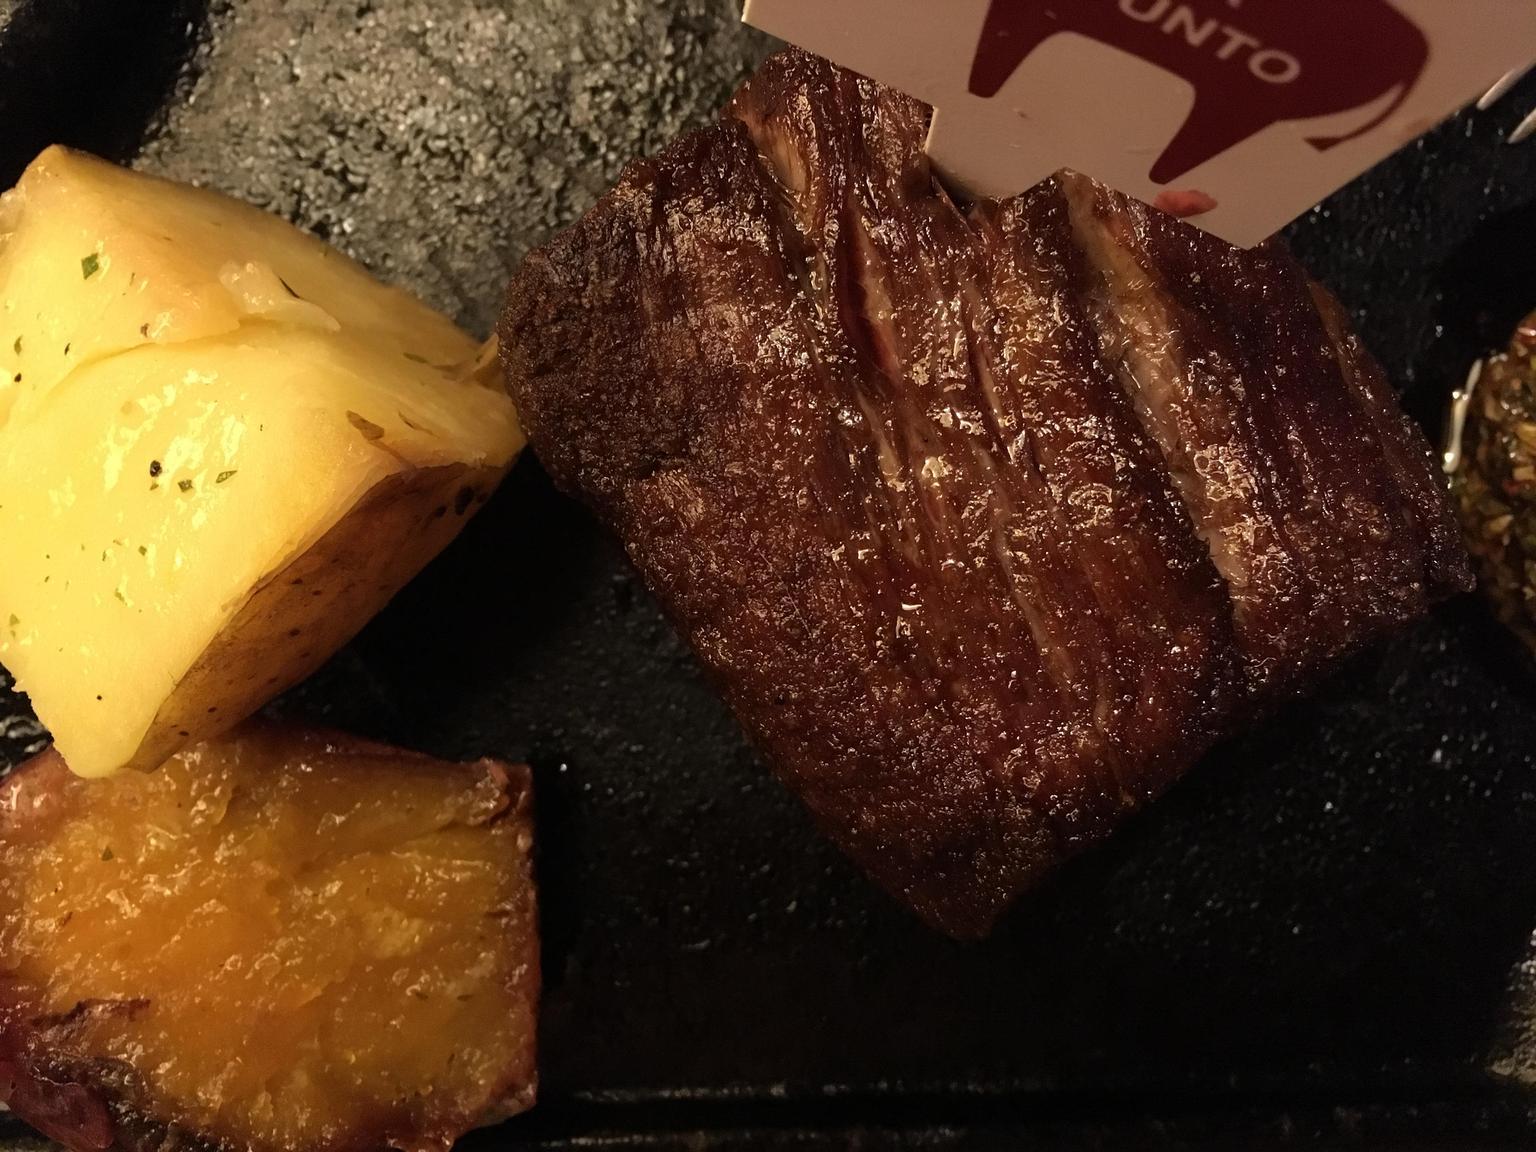 MÁS FOTOS, La experiencia culinaria en argentina: empanada, bistec, vino, alfajores y mate